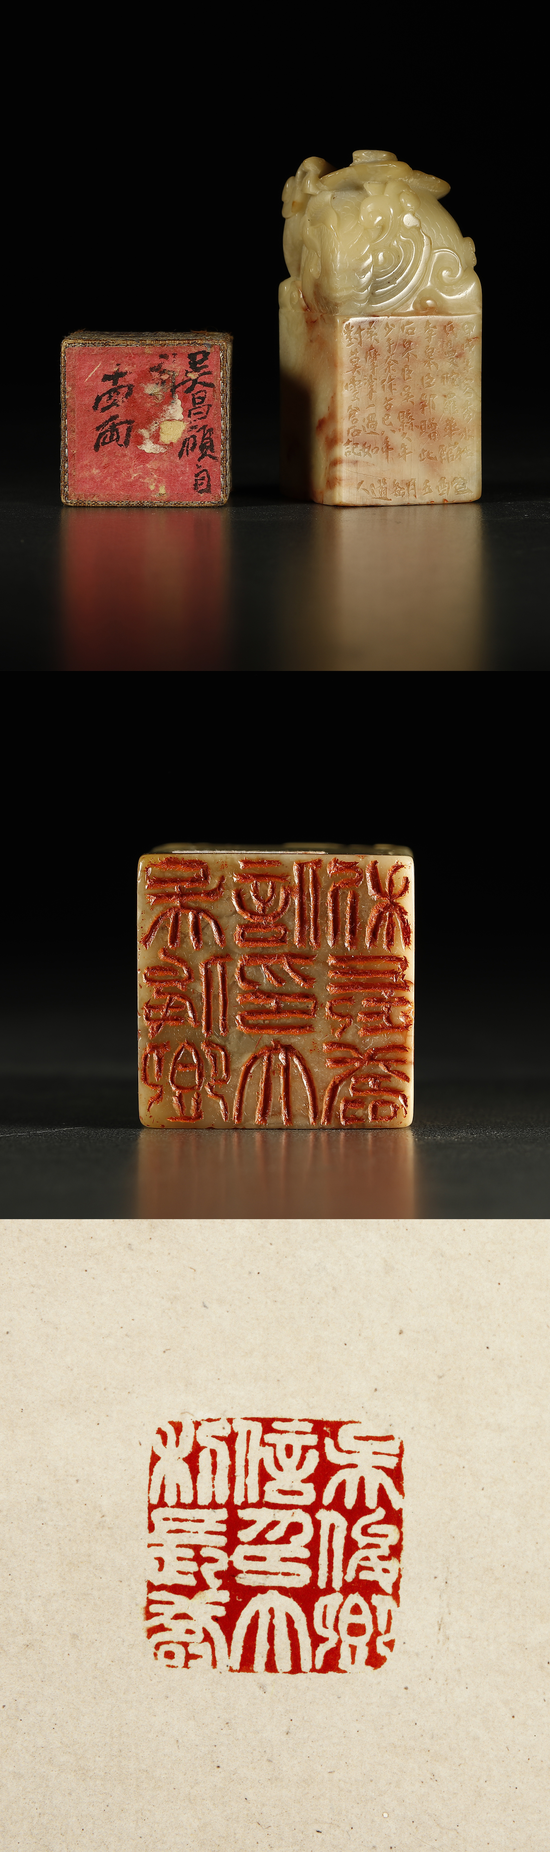 2018西泠春拍   清·吴昌硕刻凤钮寿山石自用印   1885年作